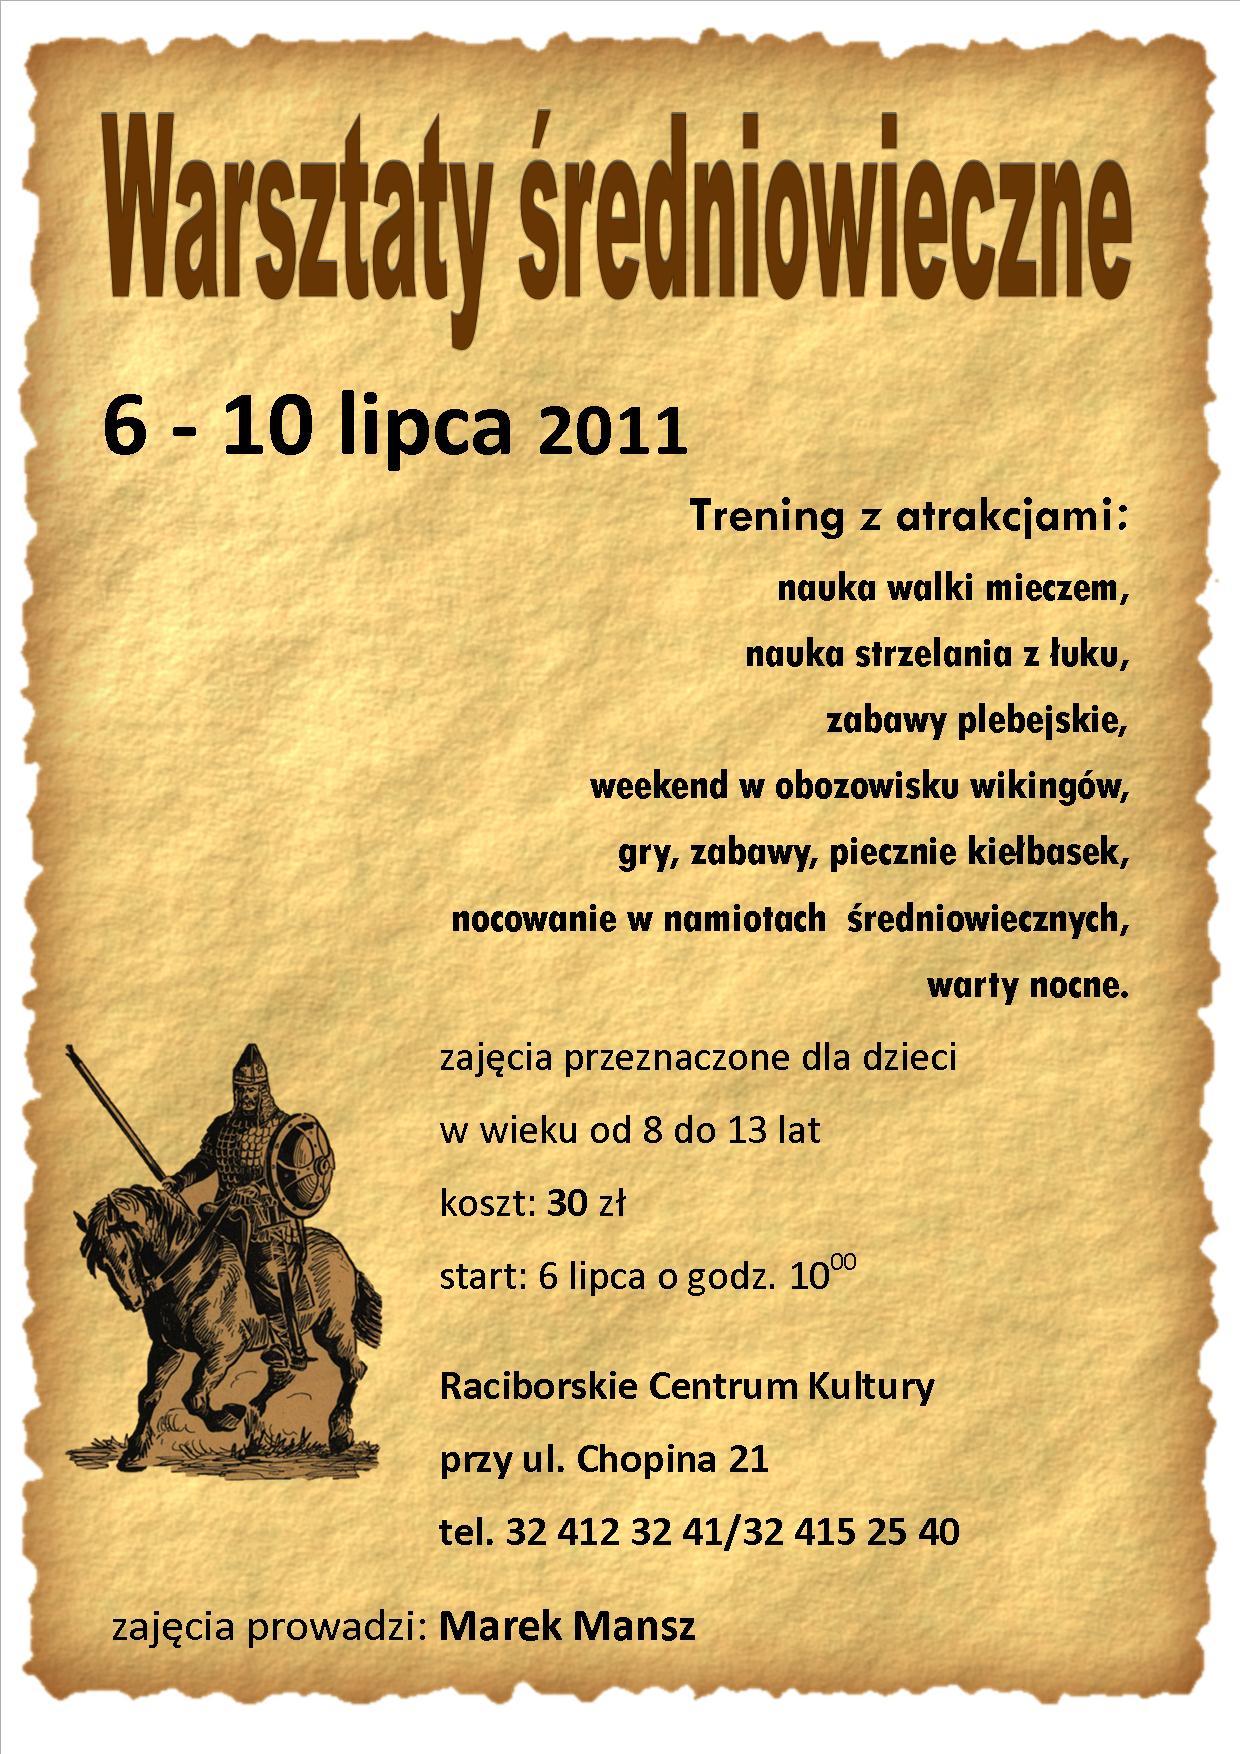 WARSZTATY LETNIE - Warsztaty średniowieczne - RCK - Raciborskie